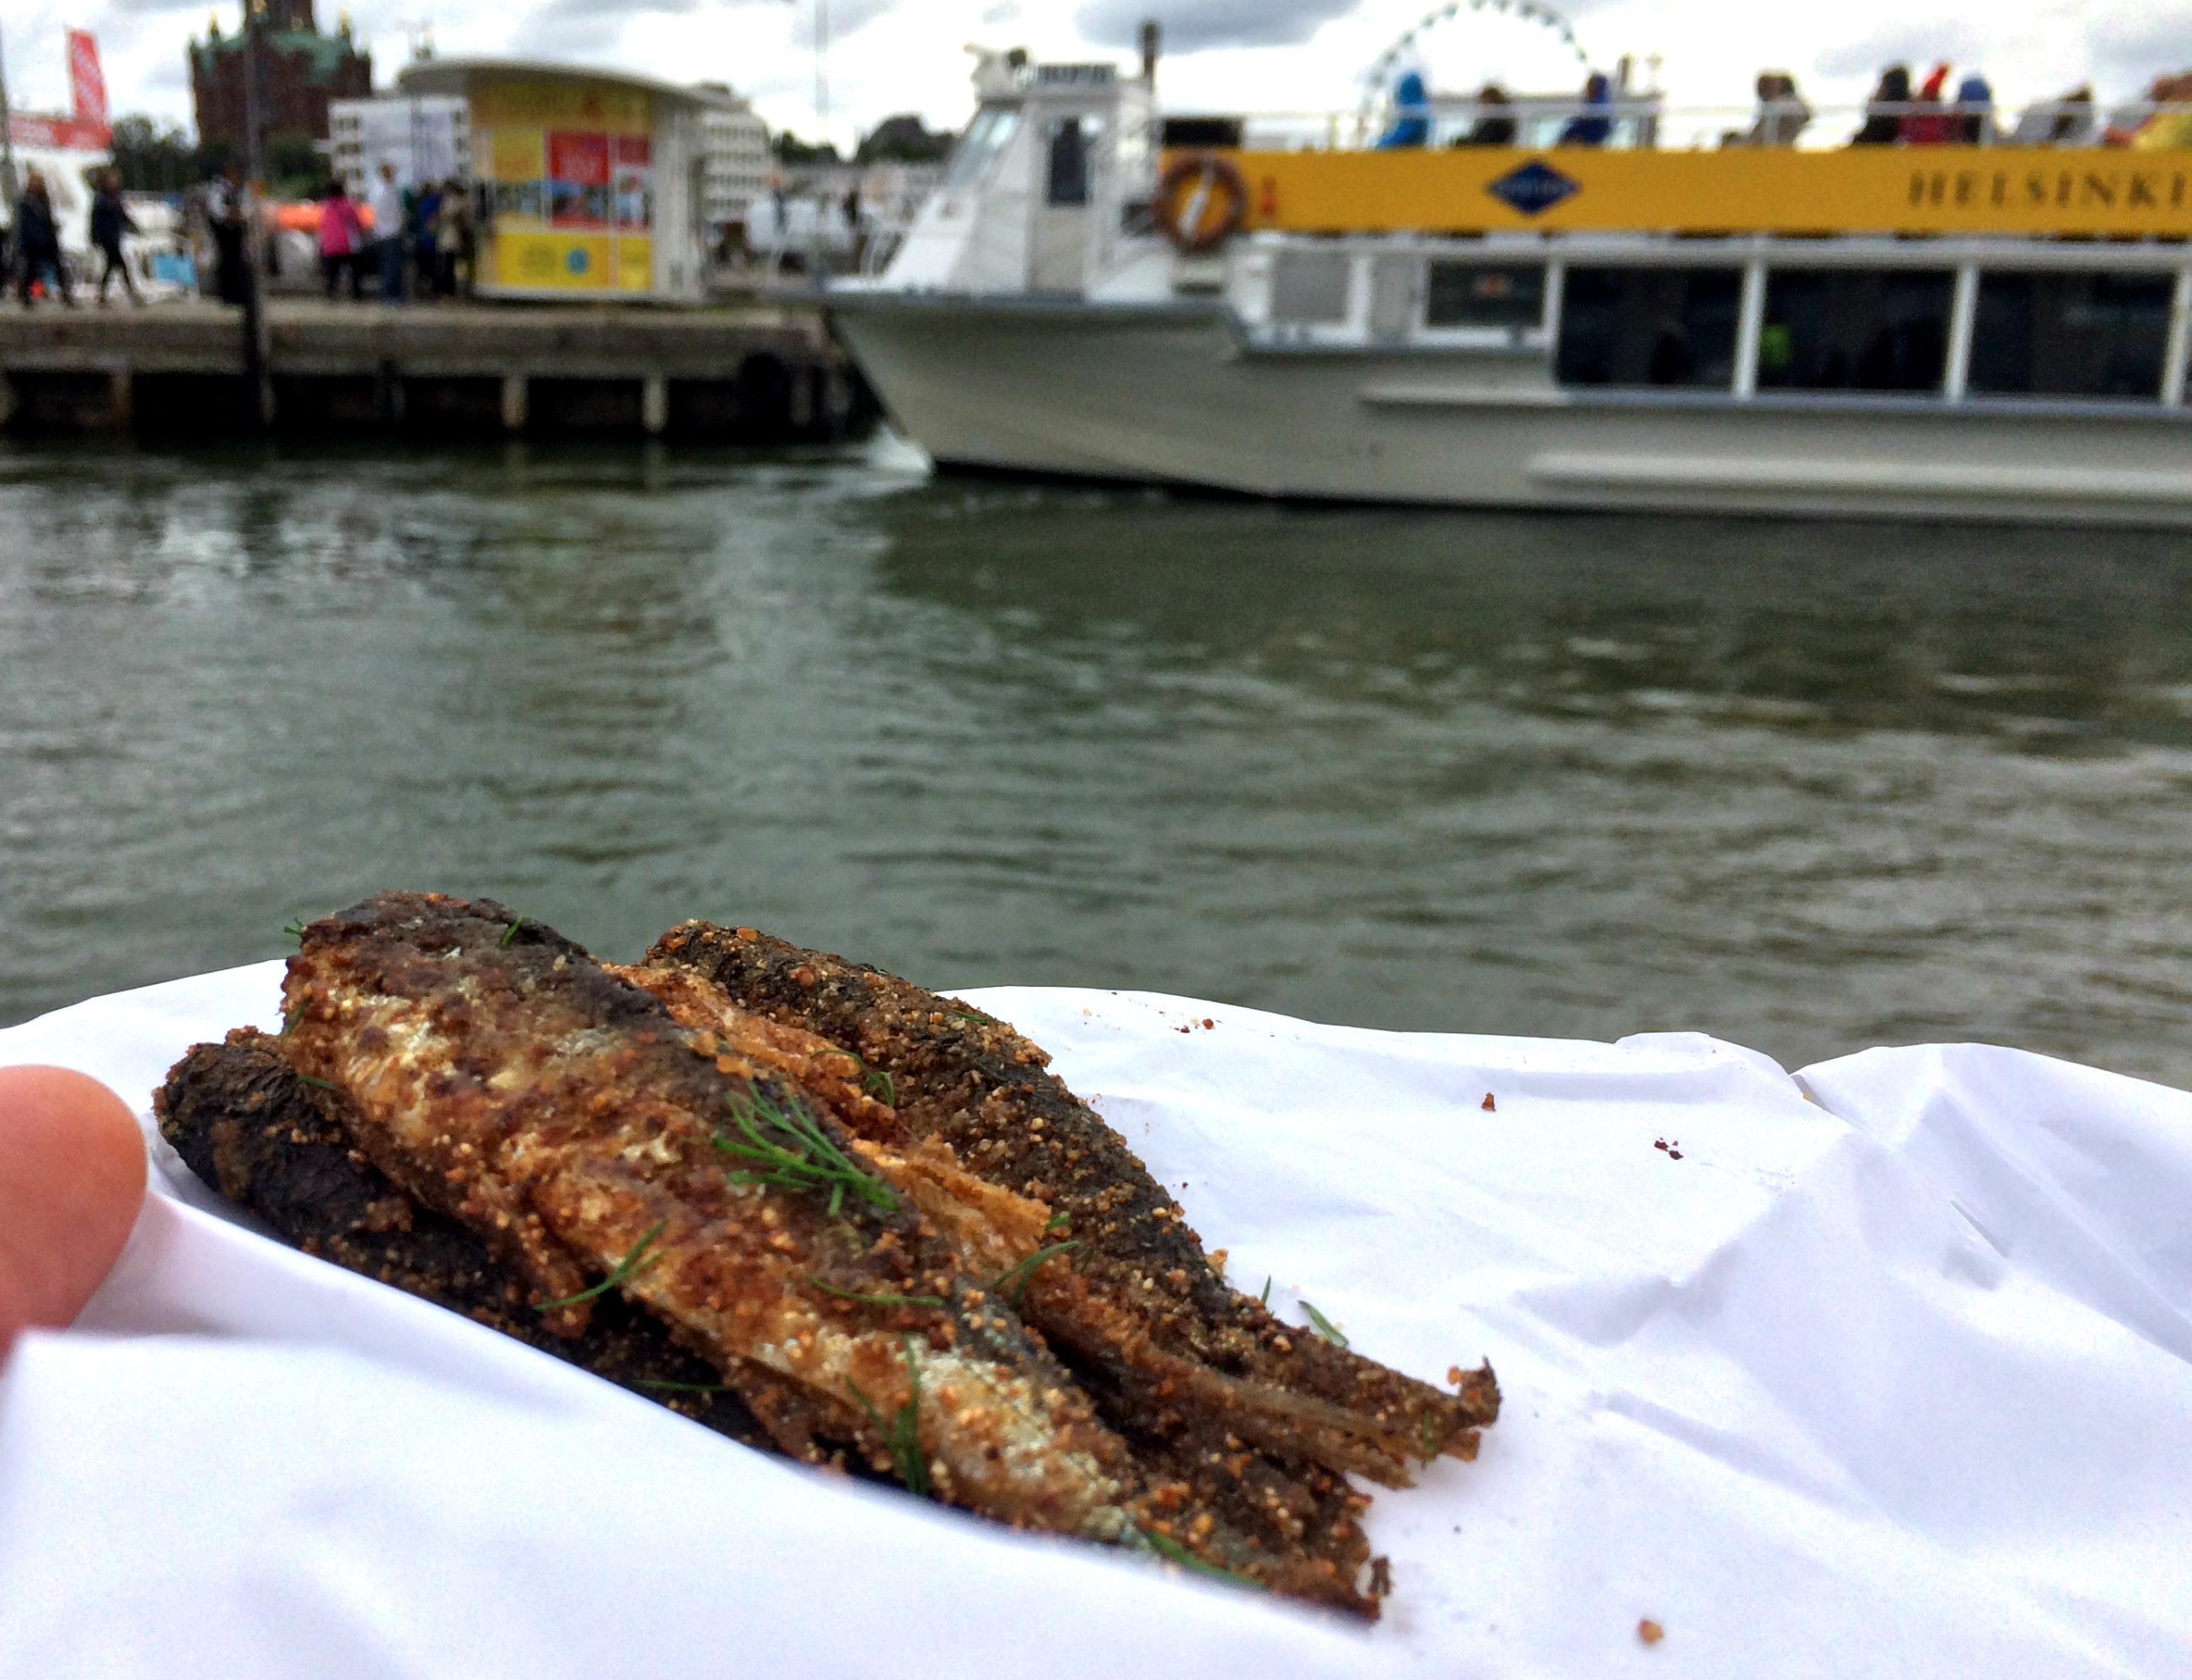 риба хельсінки